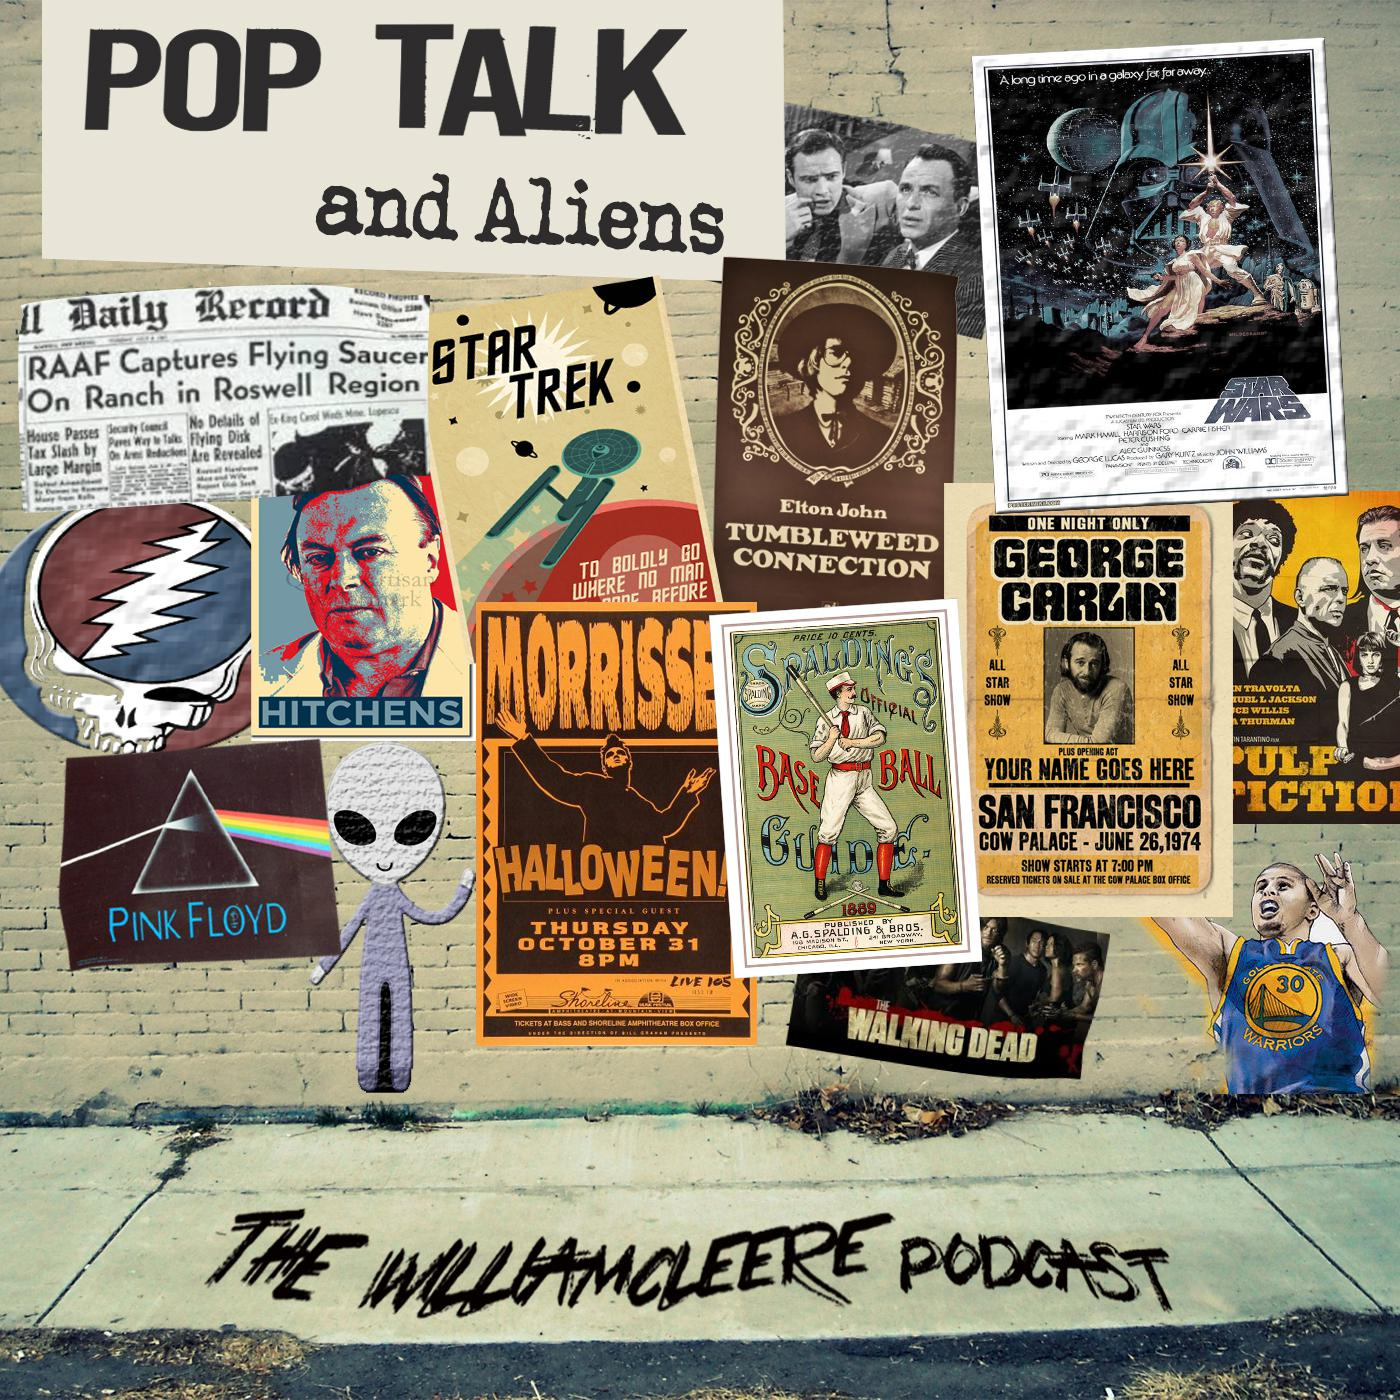 Pop Talk and Aliens - The William Cleere Podcast - William Cleere